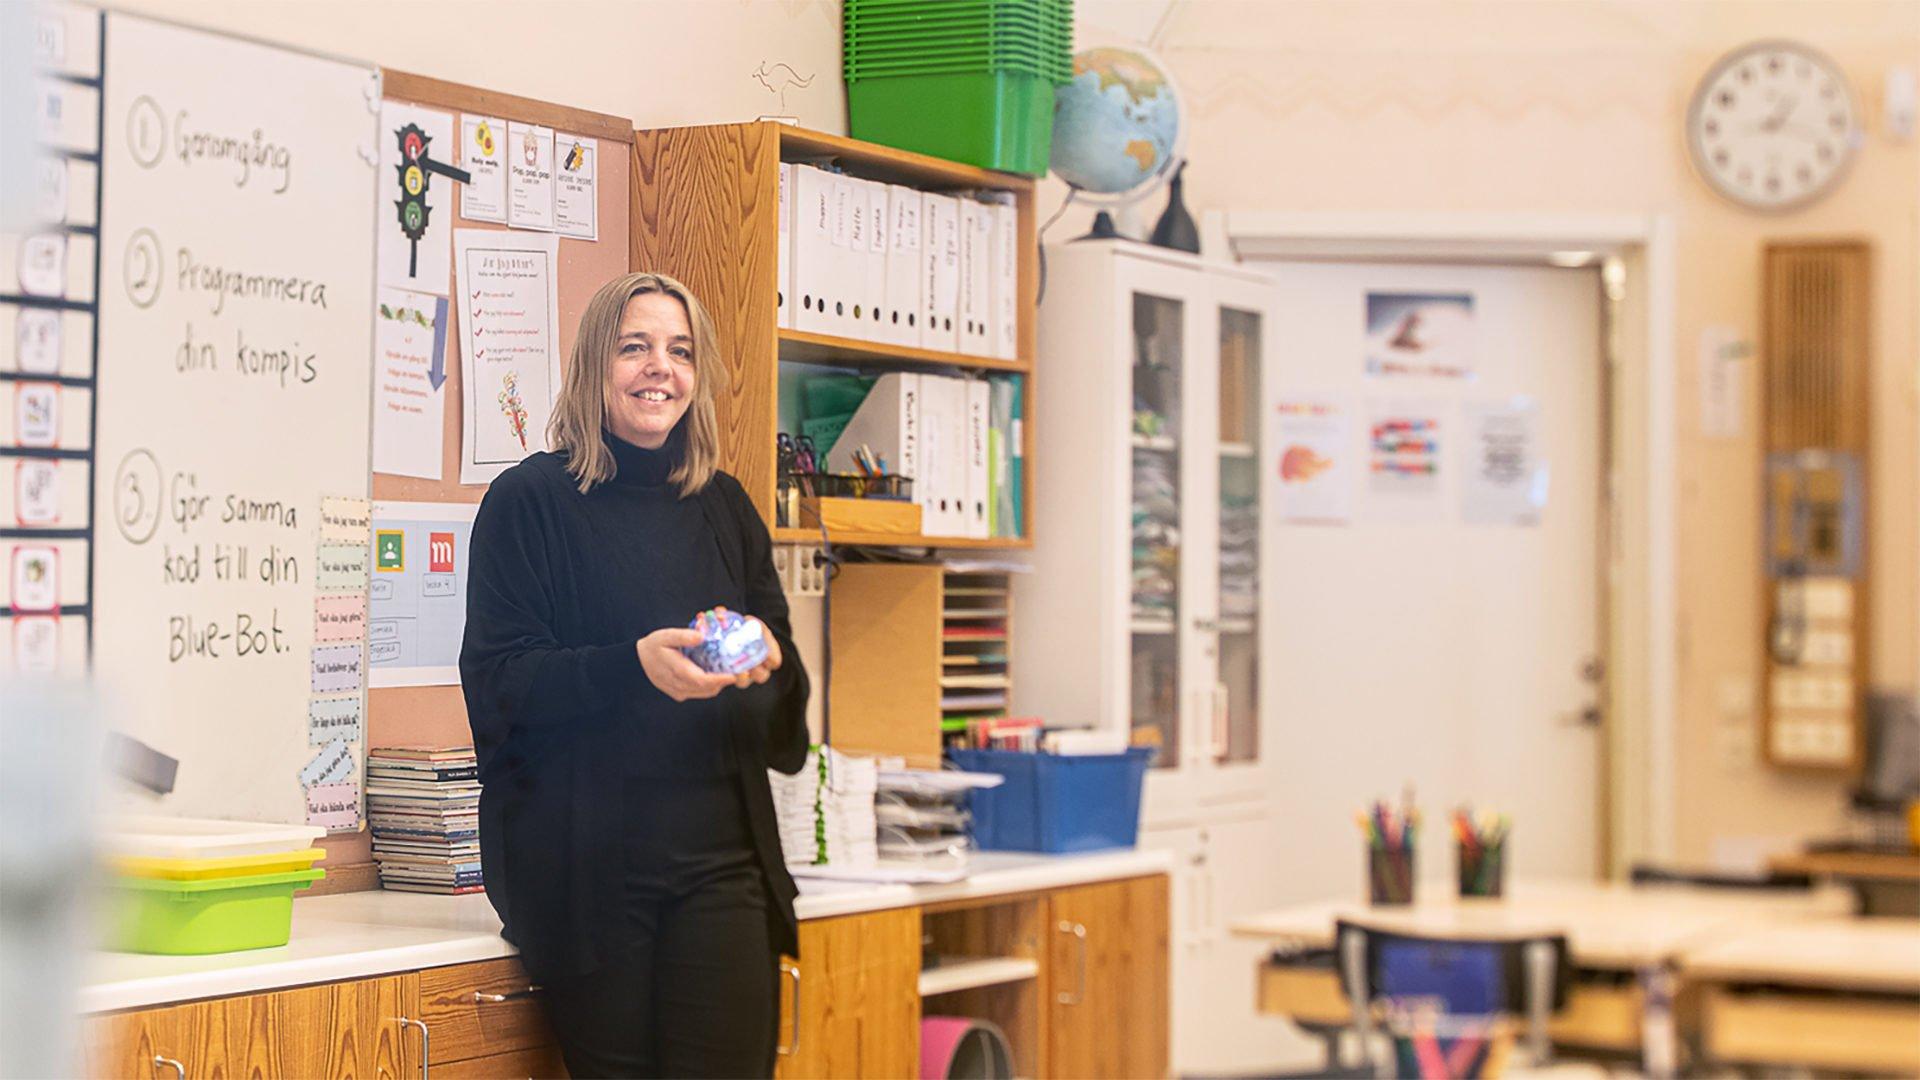 Läraren Ingela Lindström framför tavlan i klassrummet